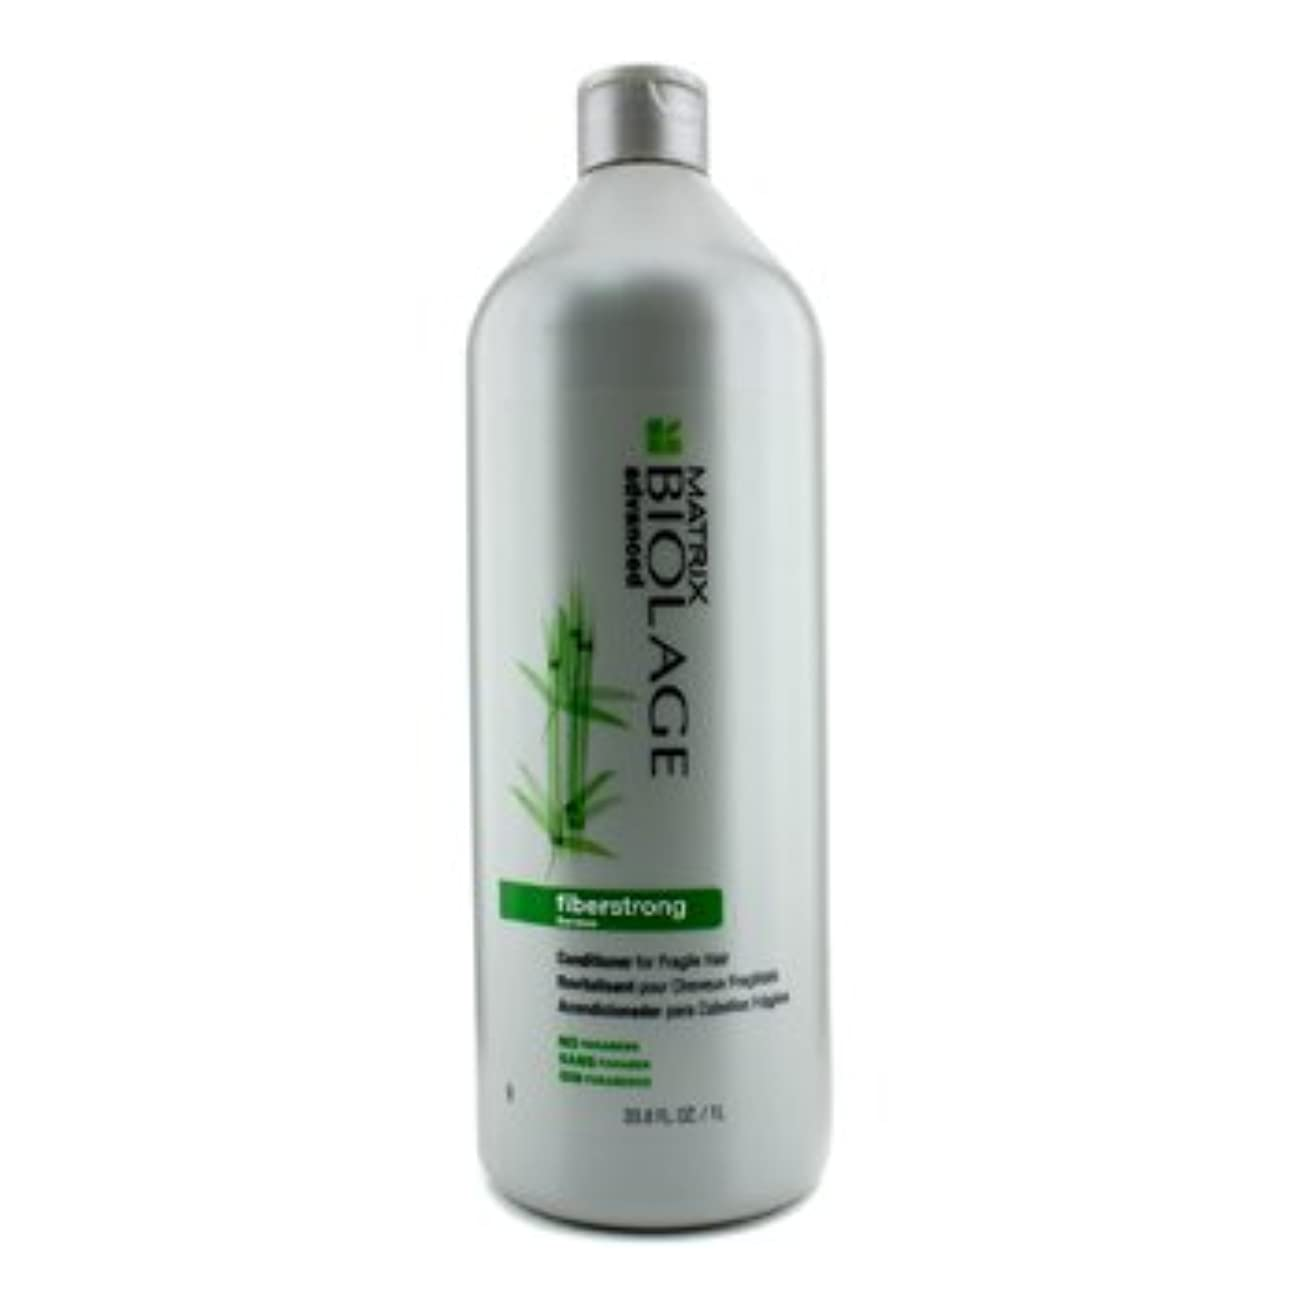 ケージ転倒挨拶[Matrix] Biolage Advanced FiberStrong Conditioner (For Fragile Hair) 1000ml/33.8oz